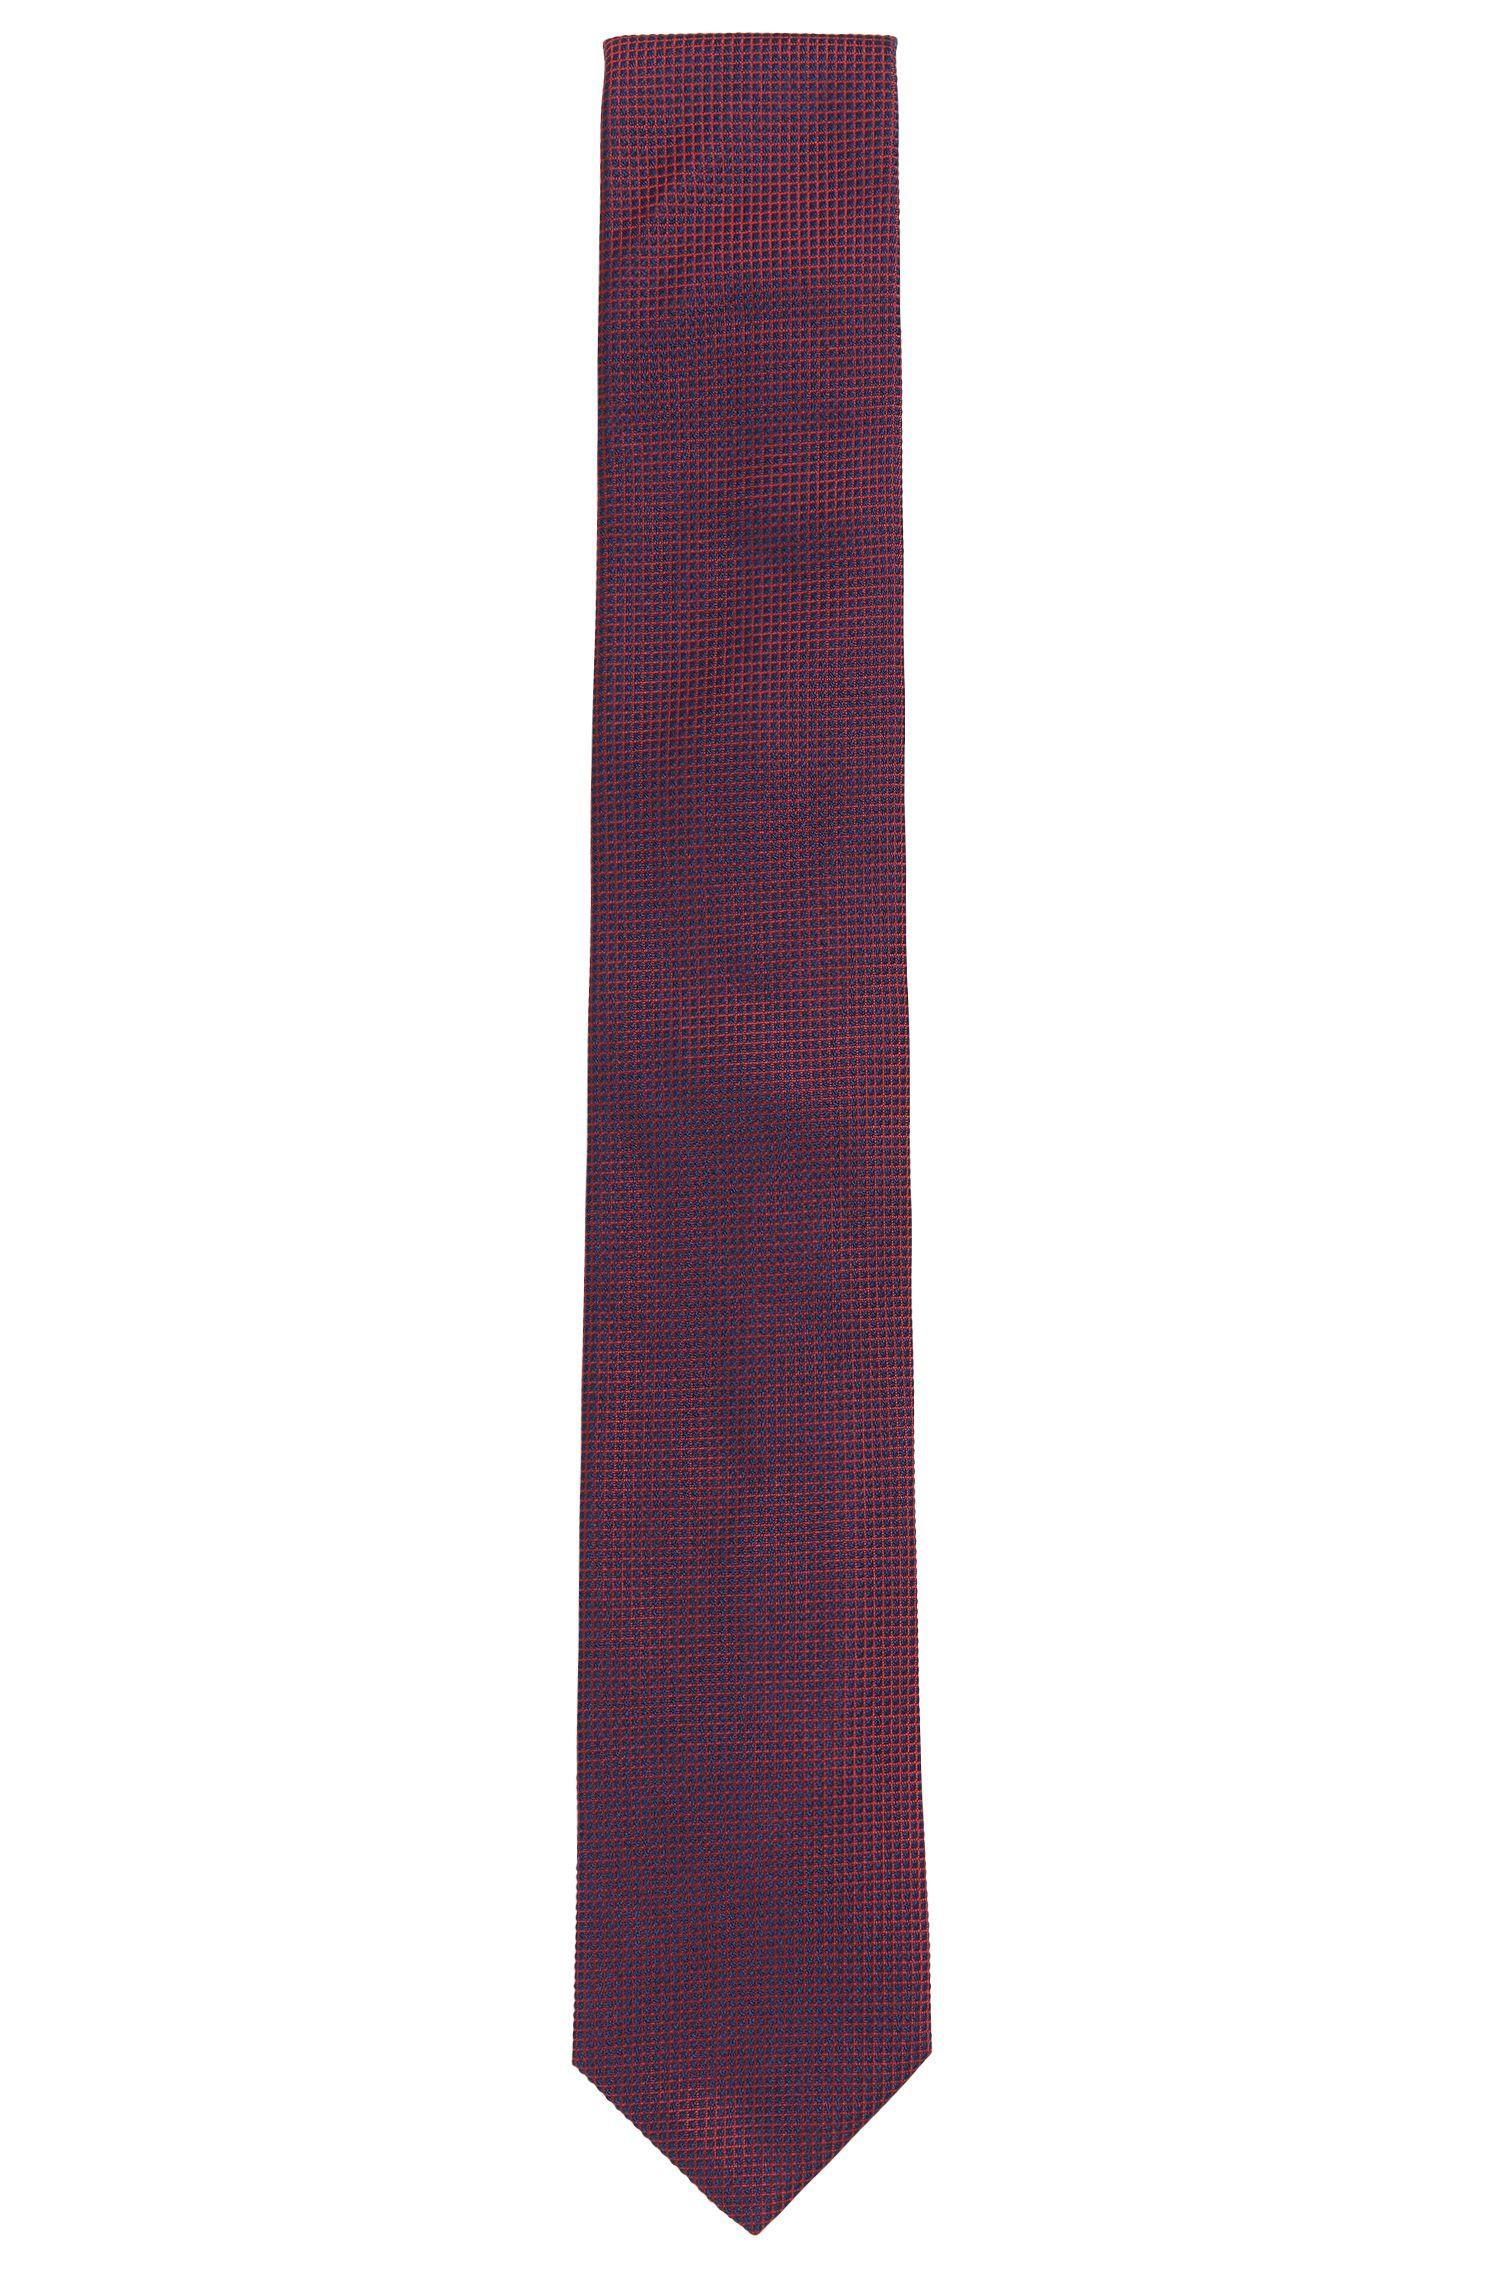 Krawatte aus Seiden-Jacquard mit grafischem Muster